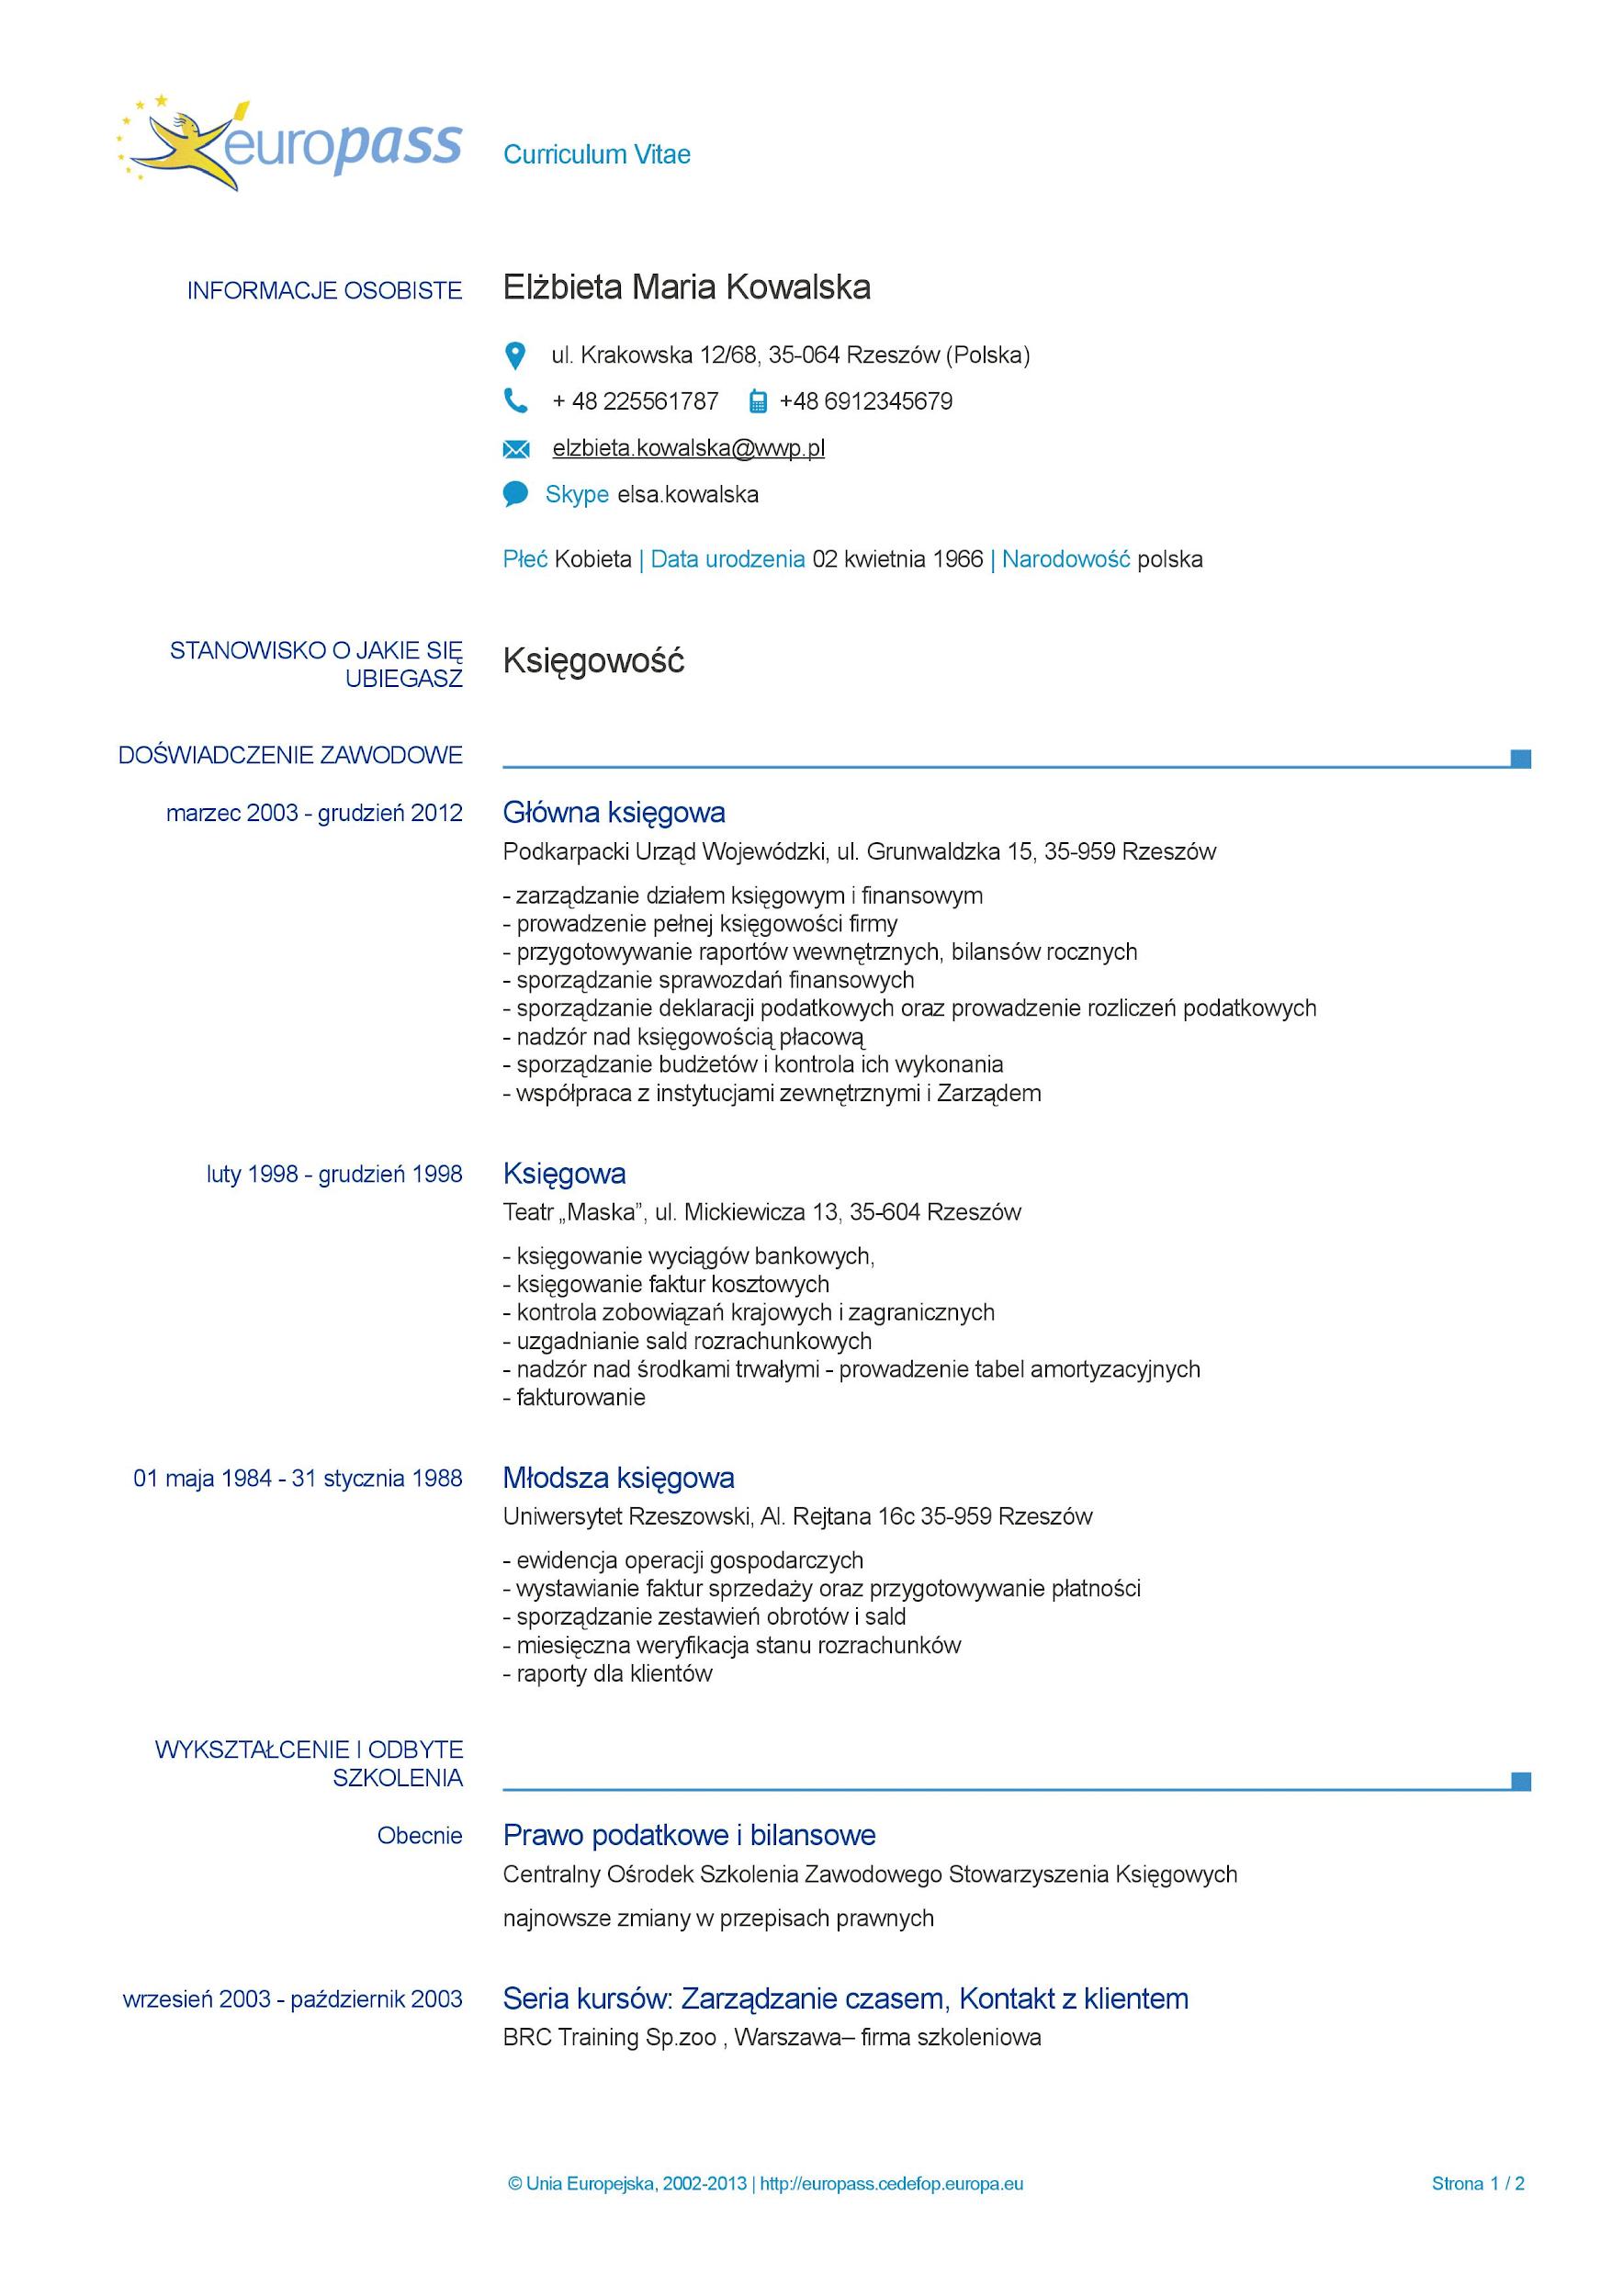 Europass CV - wzór